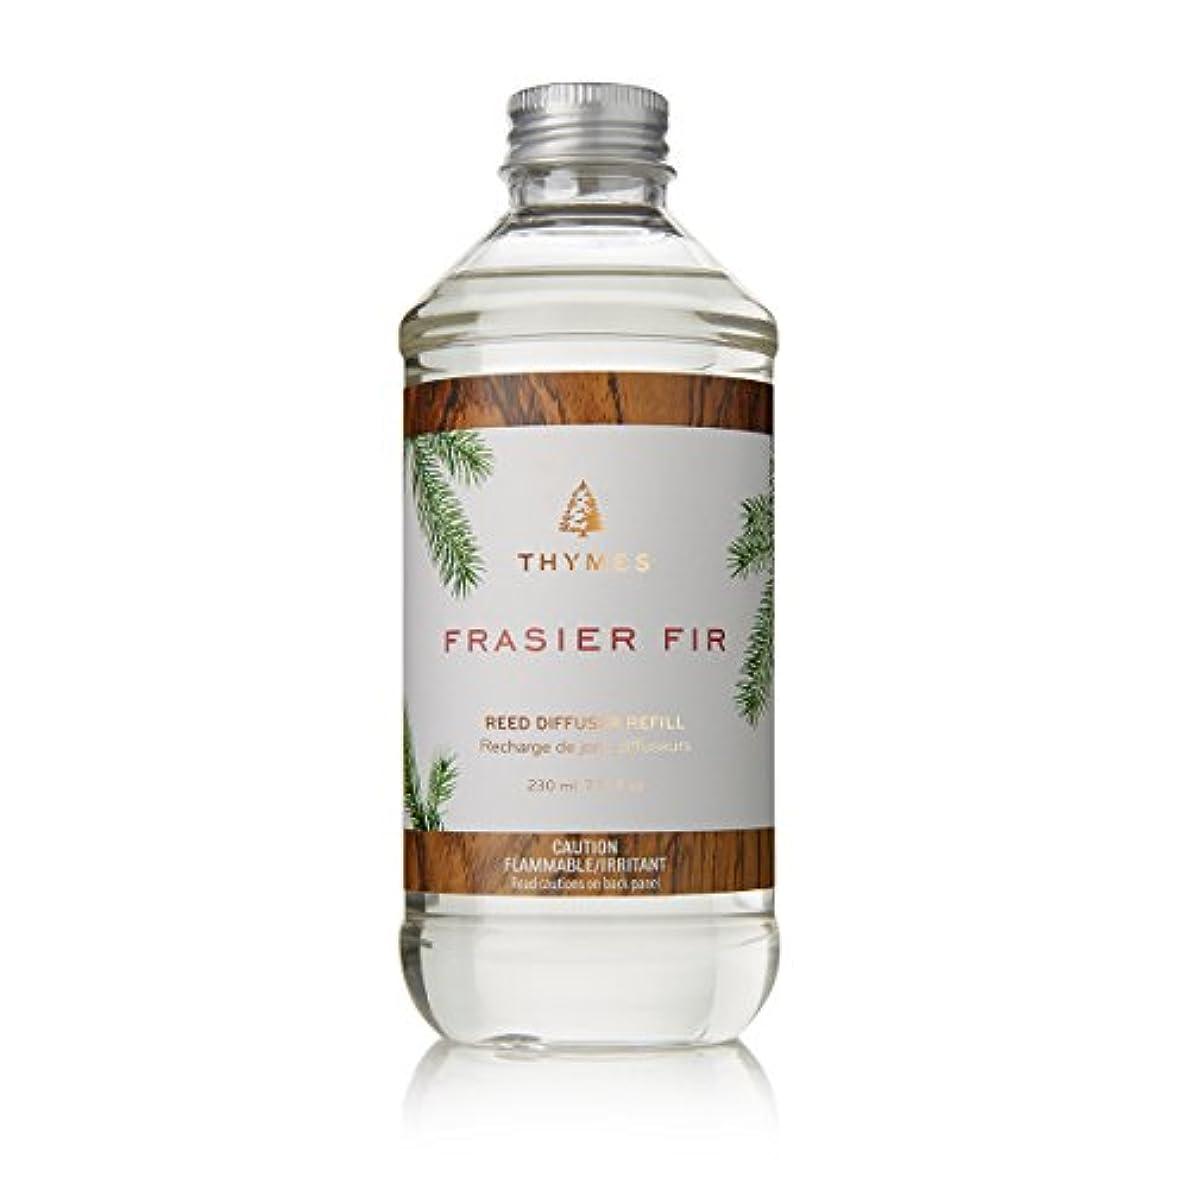 受賞息切れ強制的Thymes Fraiser Fir Reed Diffuser Oil Refill, 7.75 fl oz (230ml) by Thymes